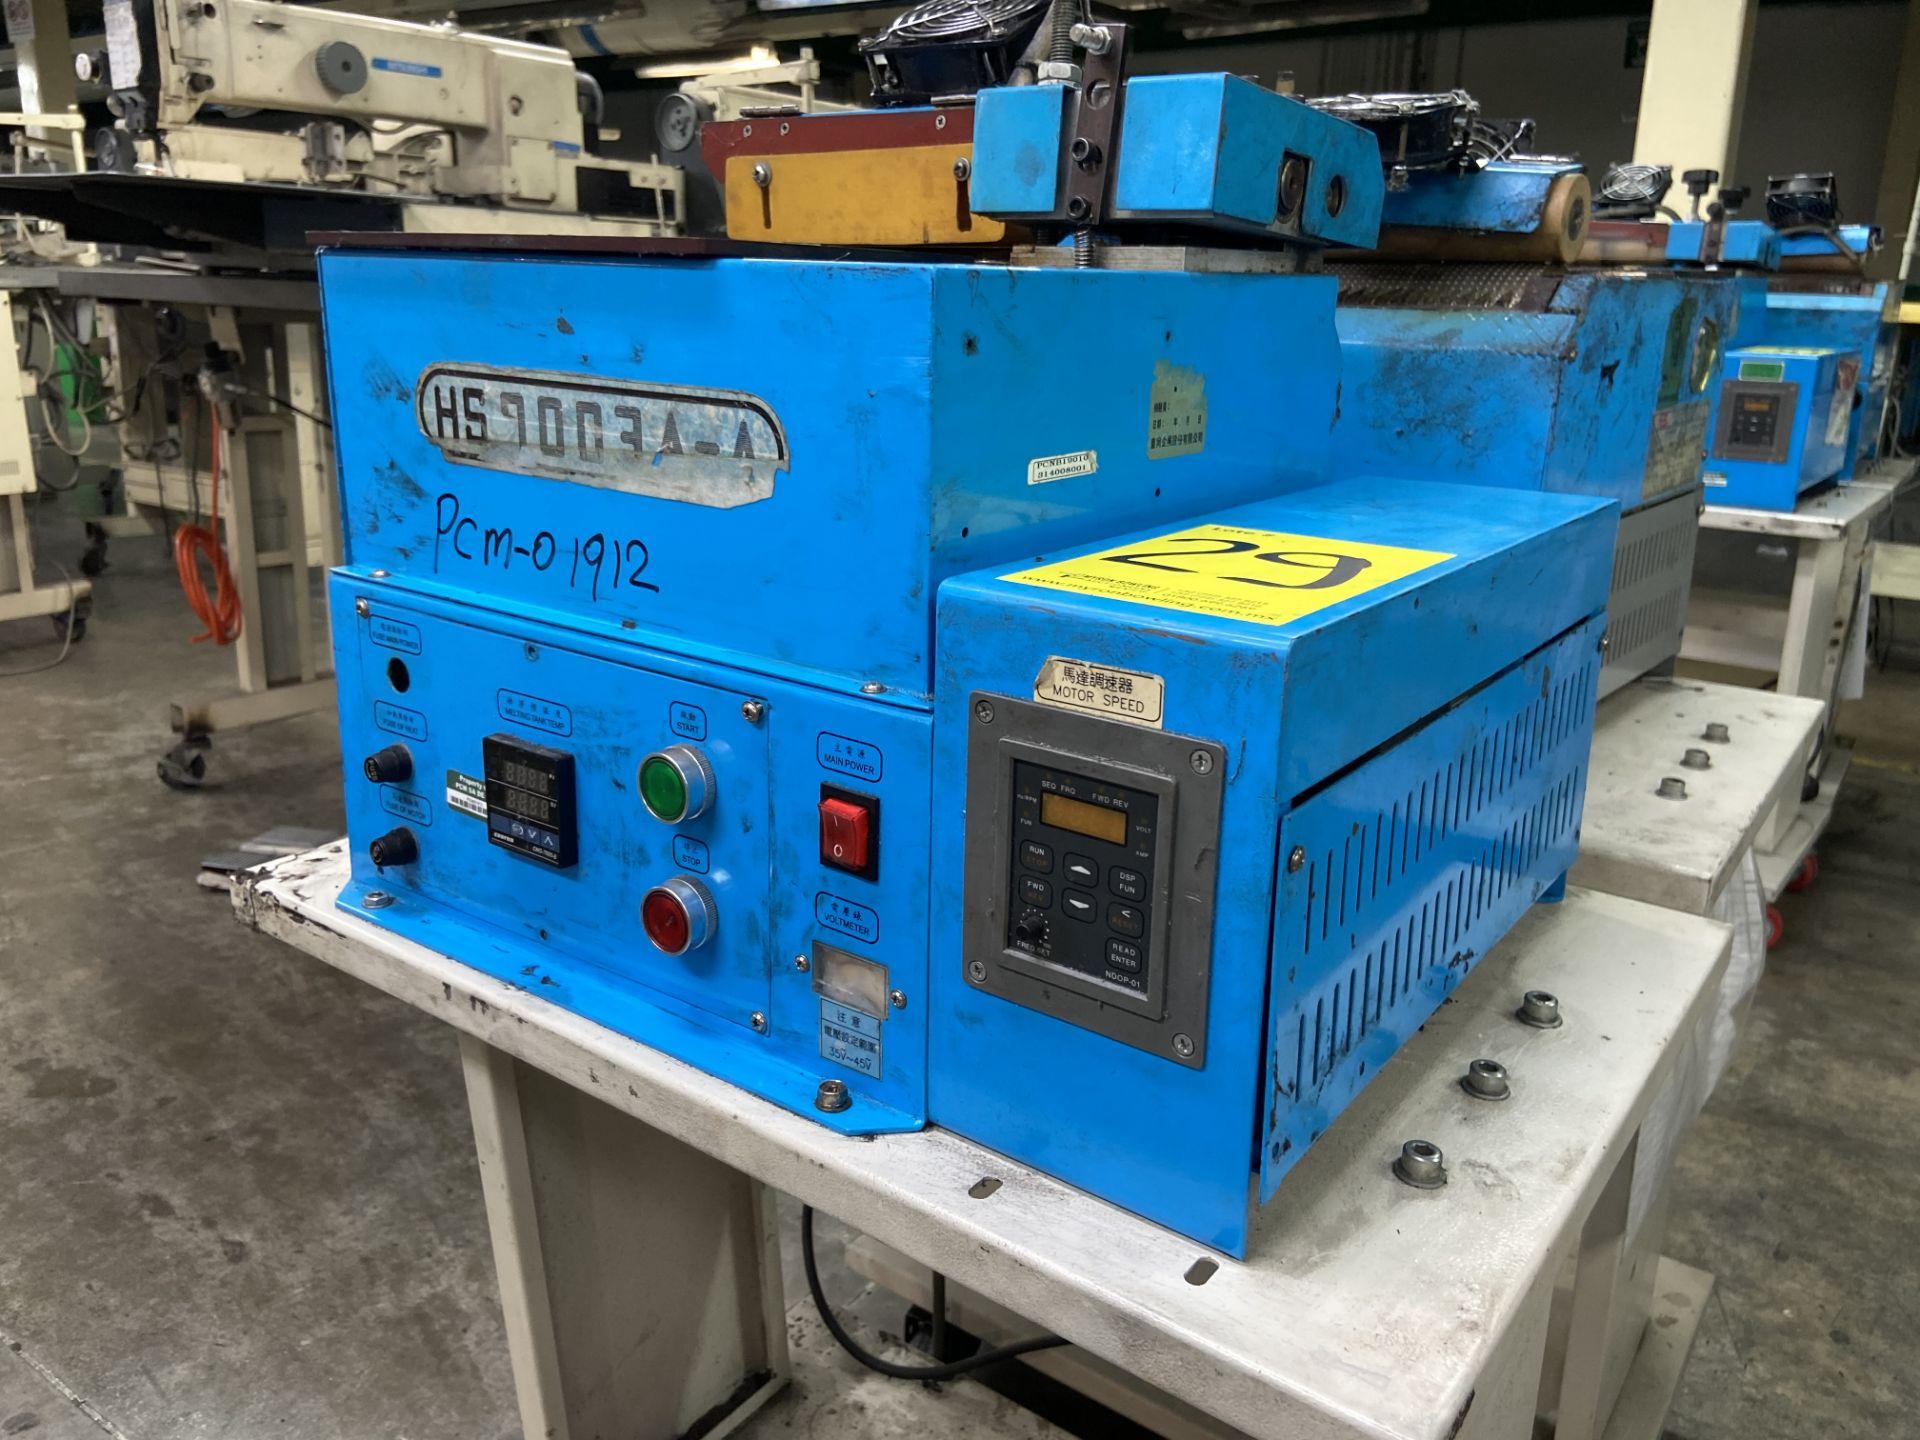 Lot 29 - (2) Mini glue de rodillo marca Hwang Sun Enterprise, Modelo: HS7003A-A